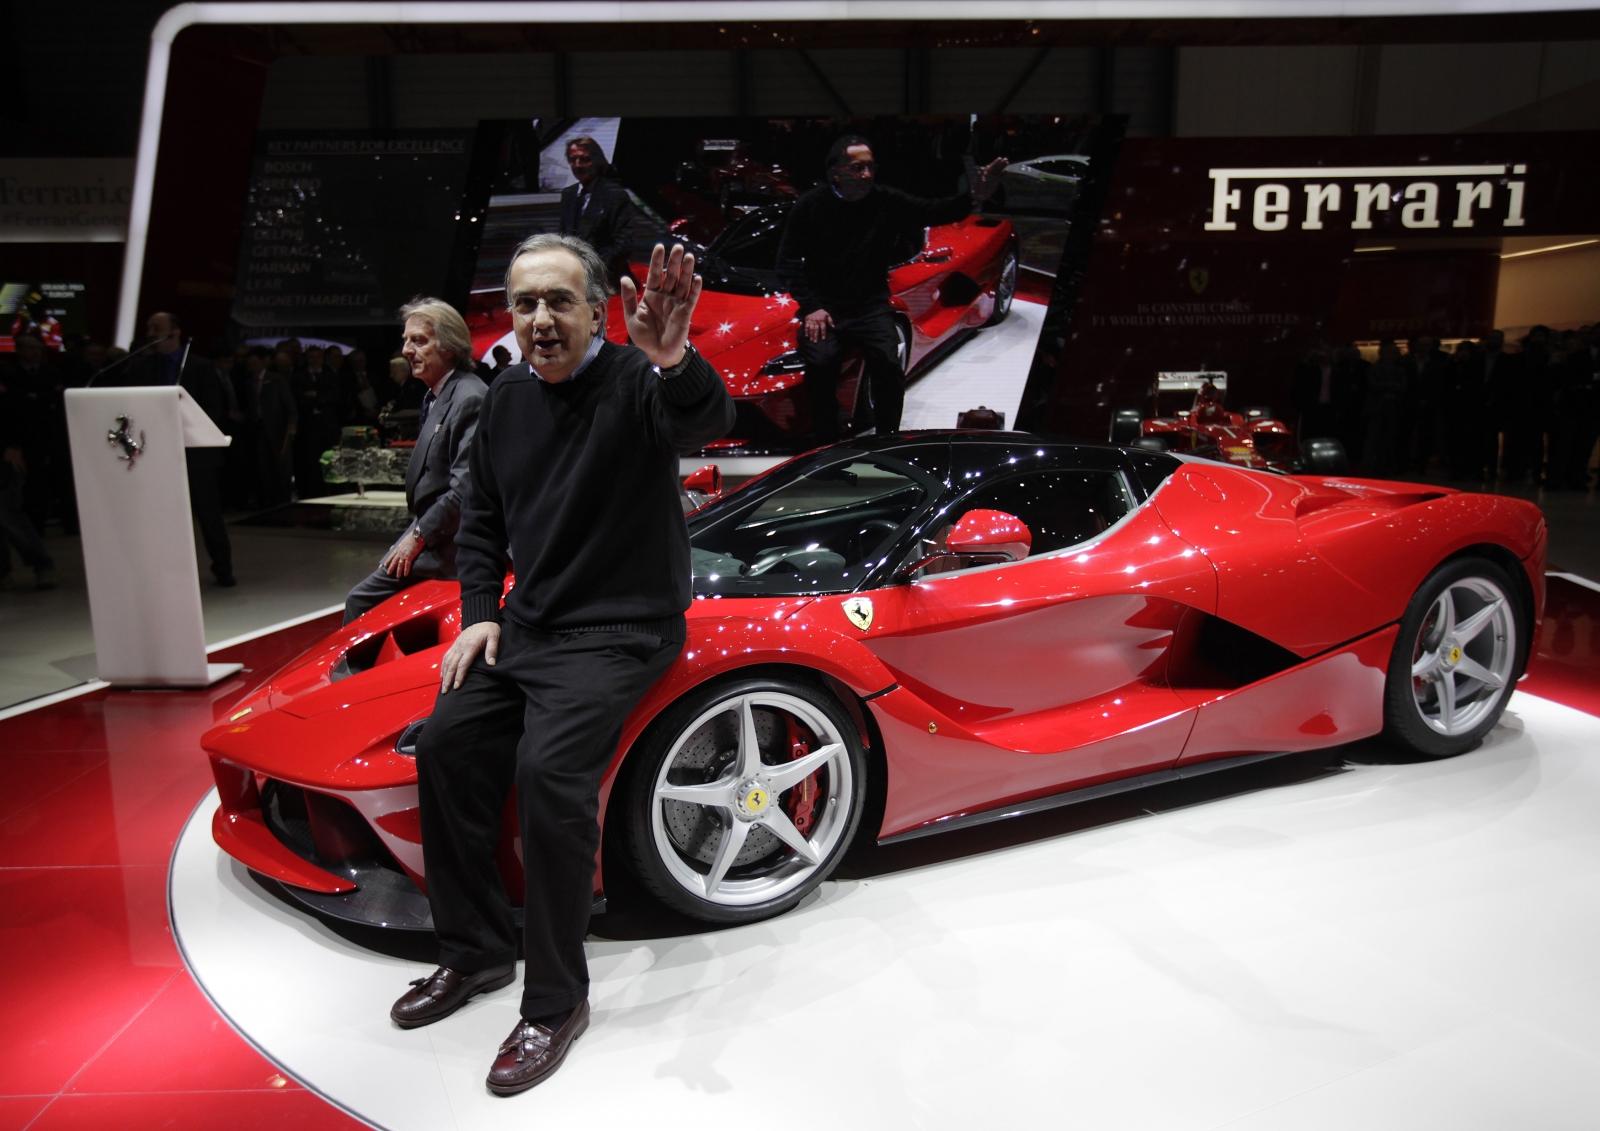 Ferrari boss Sergio Marchionne and LaFerrari